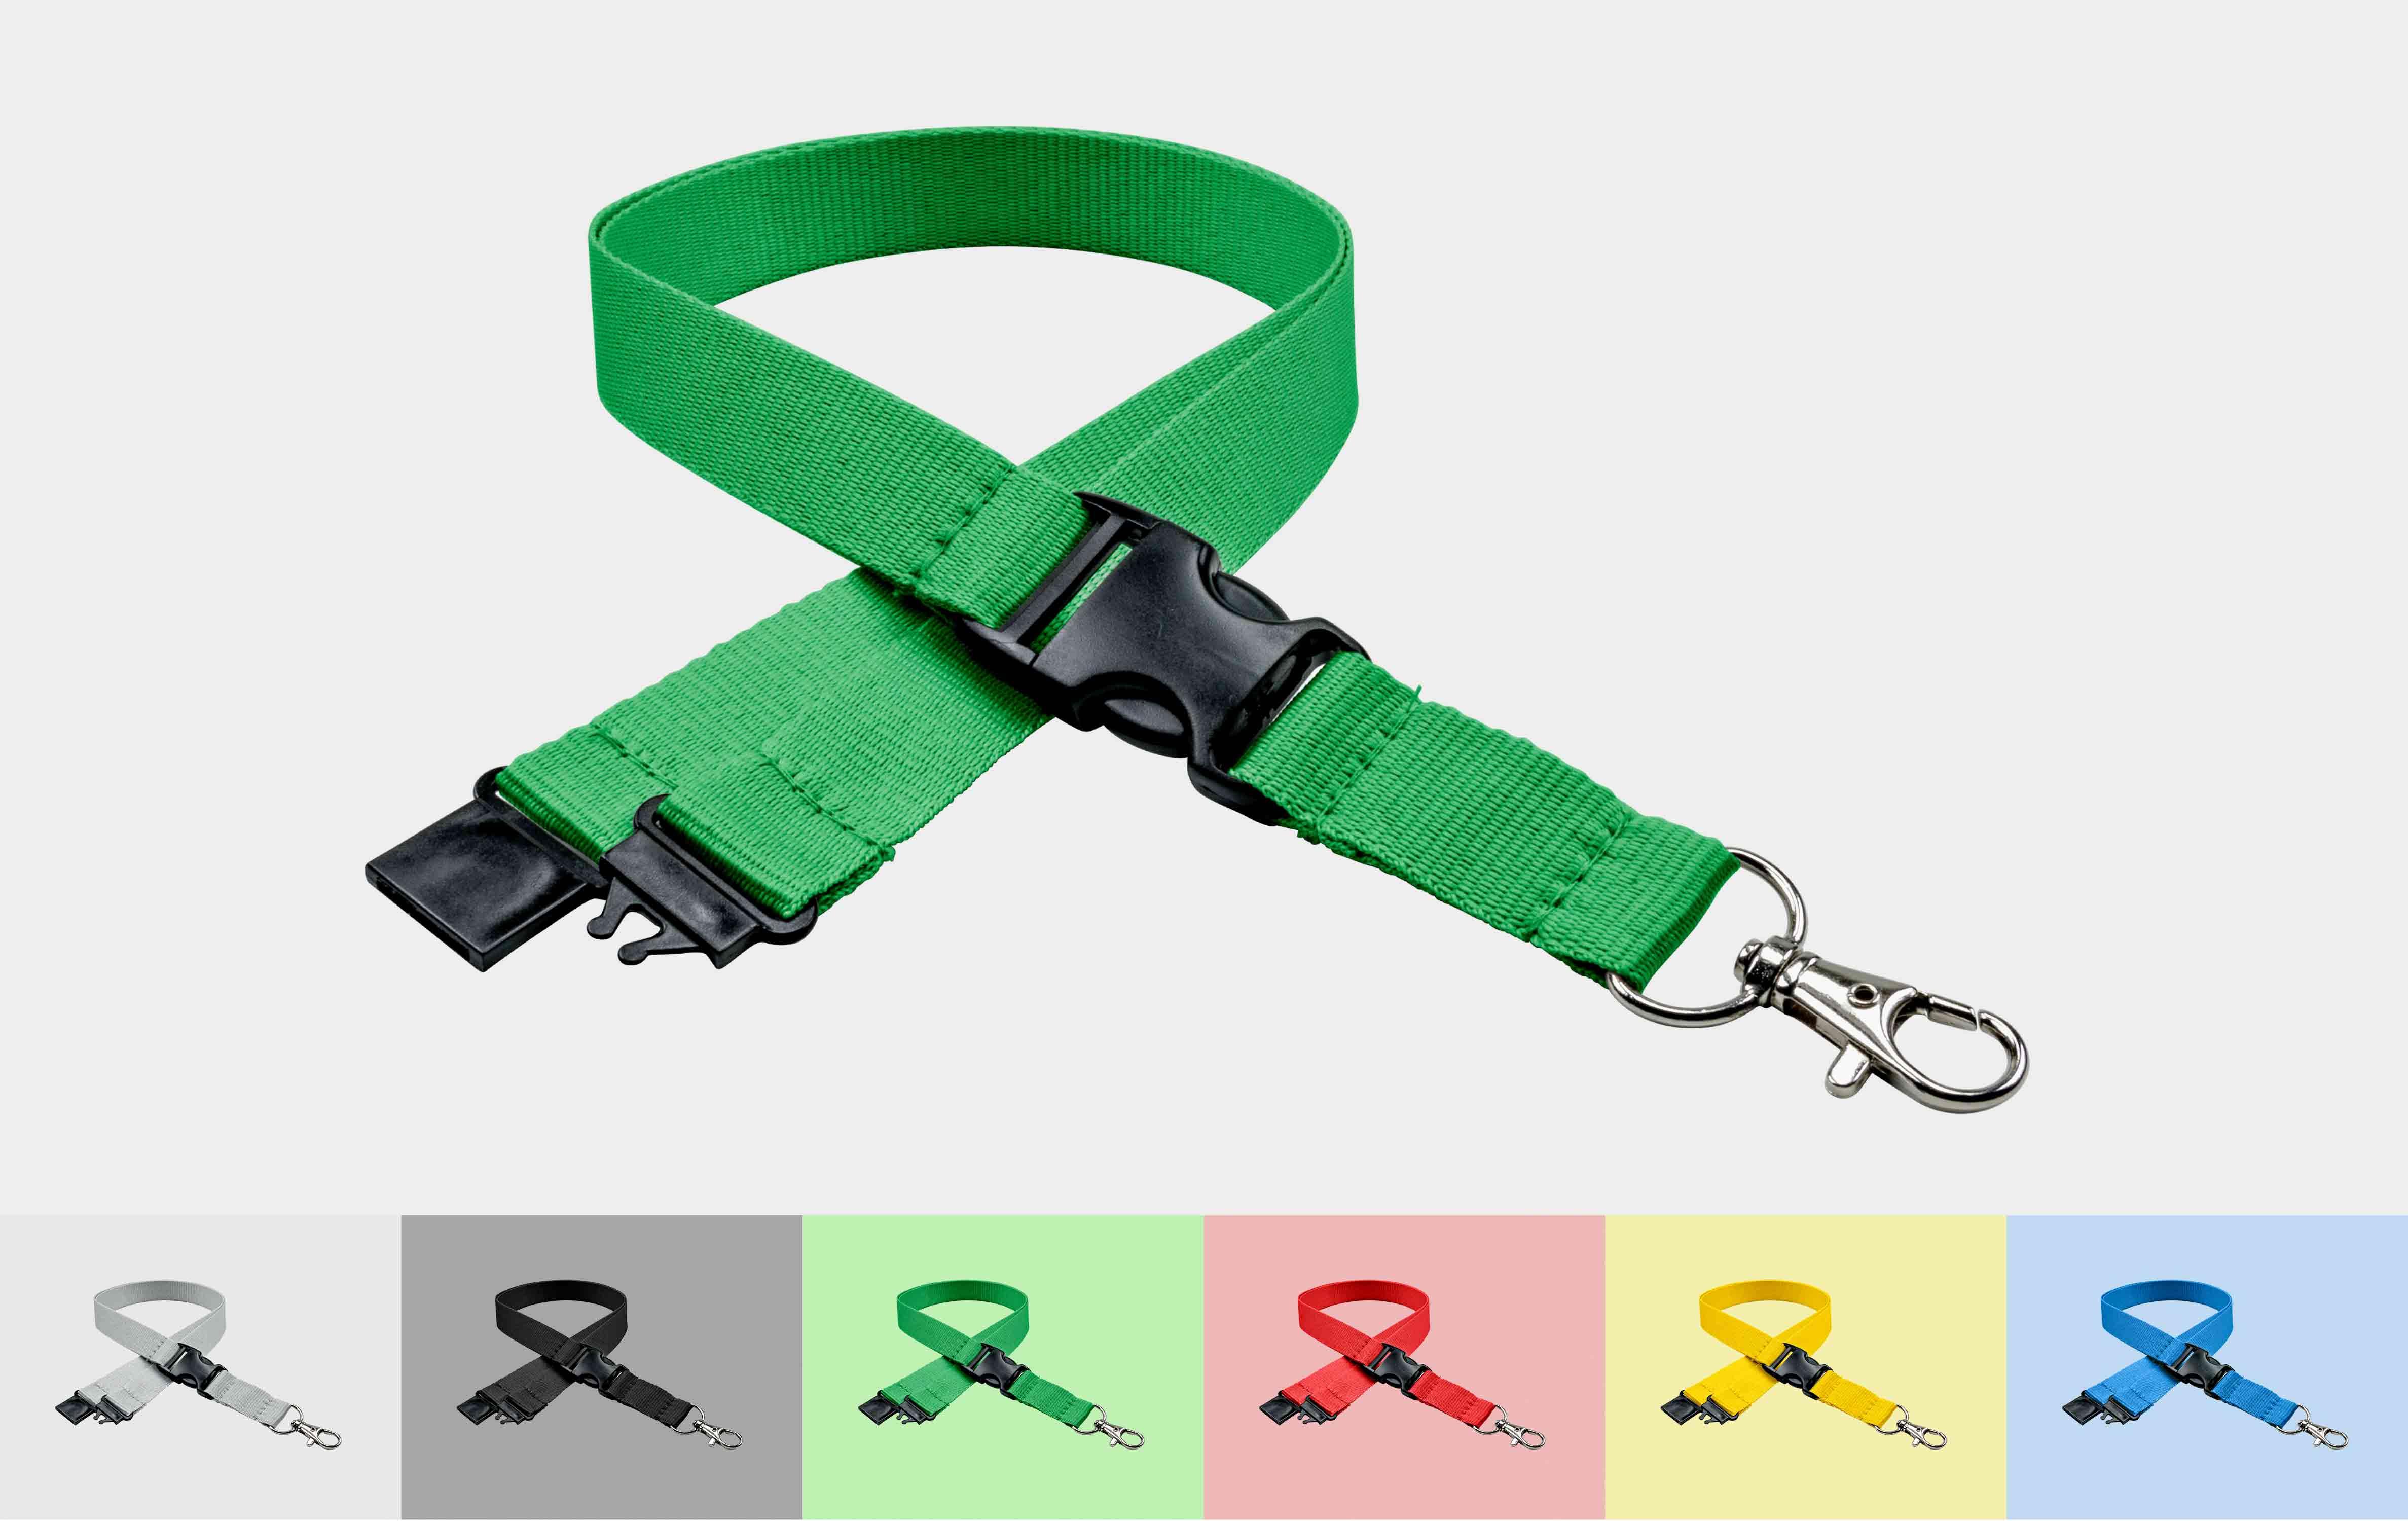 10 Stück Schlüsselbänder 20 mm, easy going Haken, Sicherheitsverschluss, Schiebeschnalle